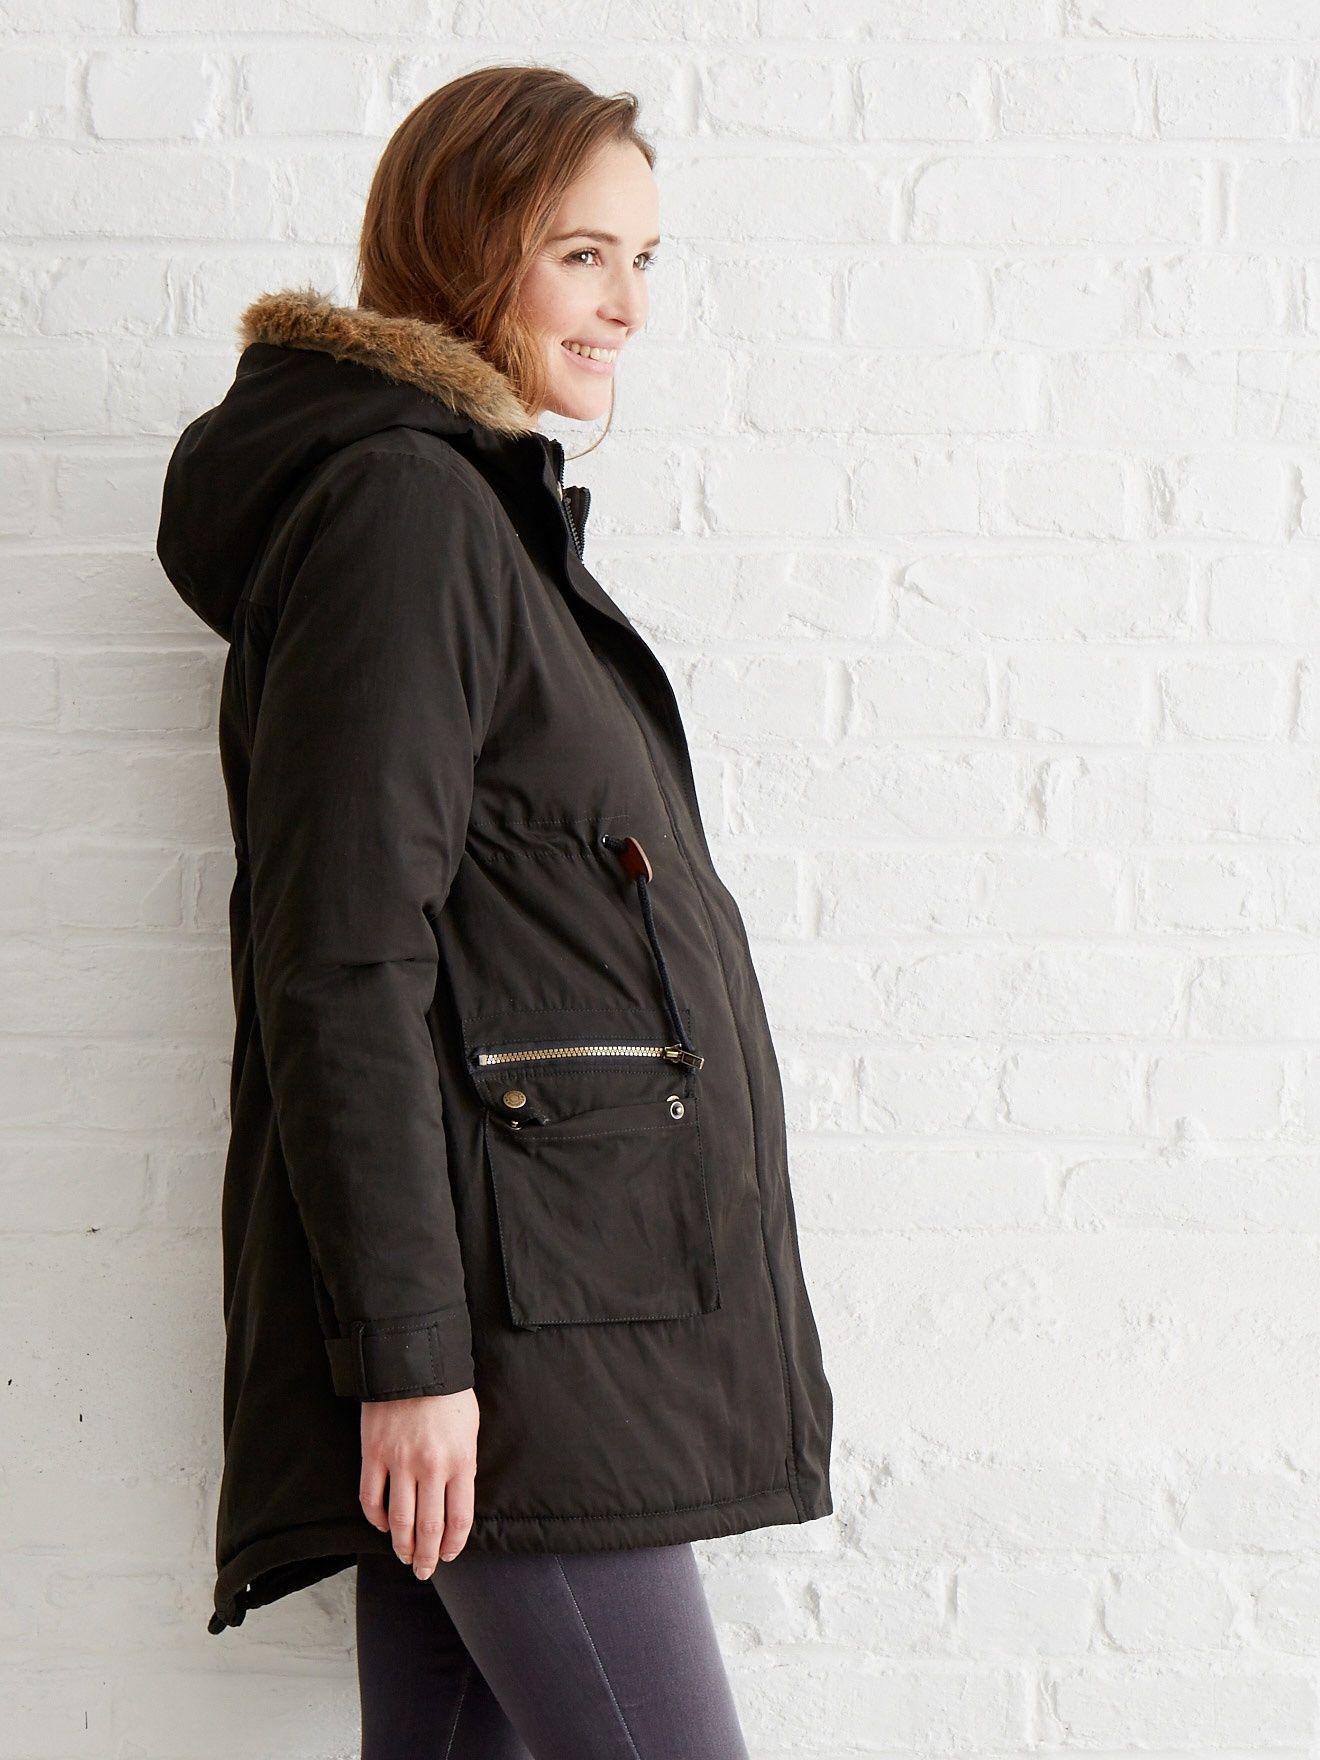 Manteau femme enceinte vertbaudet